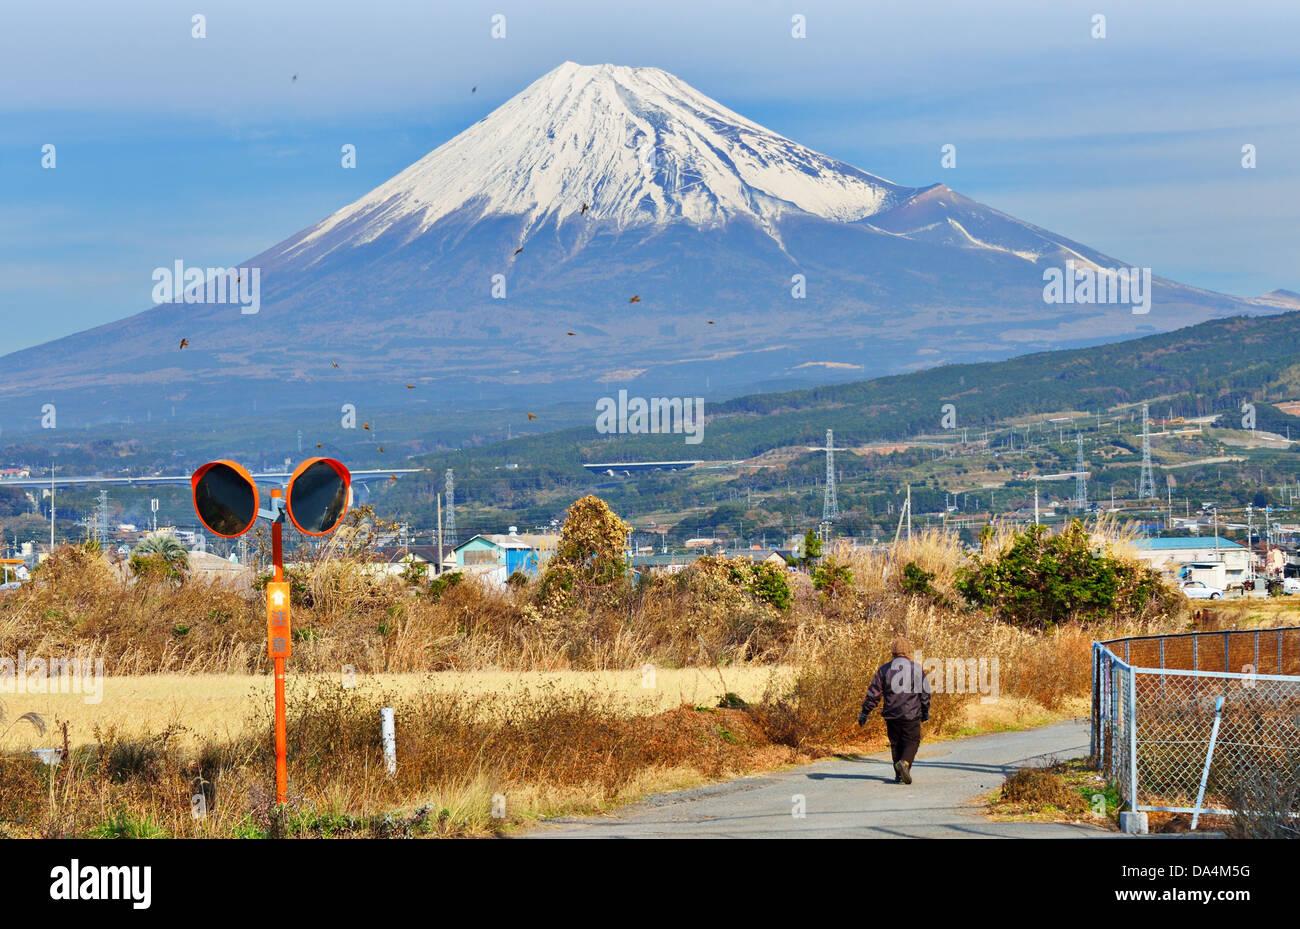 Terreni agricoli al di sotto di Mt. Fuji in Giappone. Foto Stock